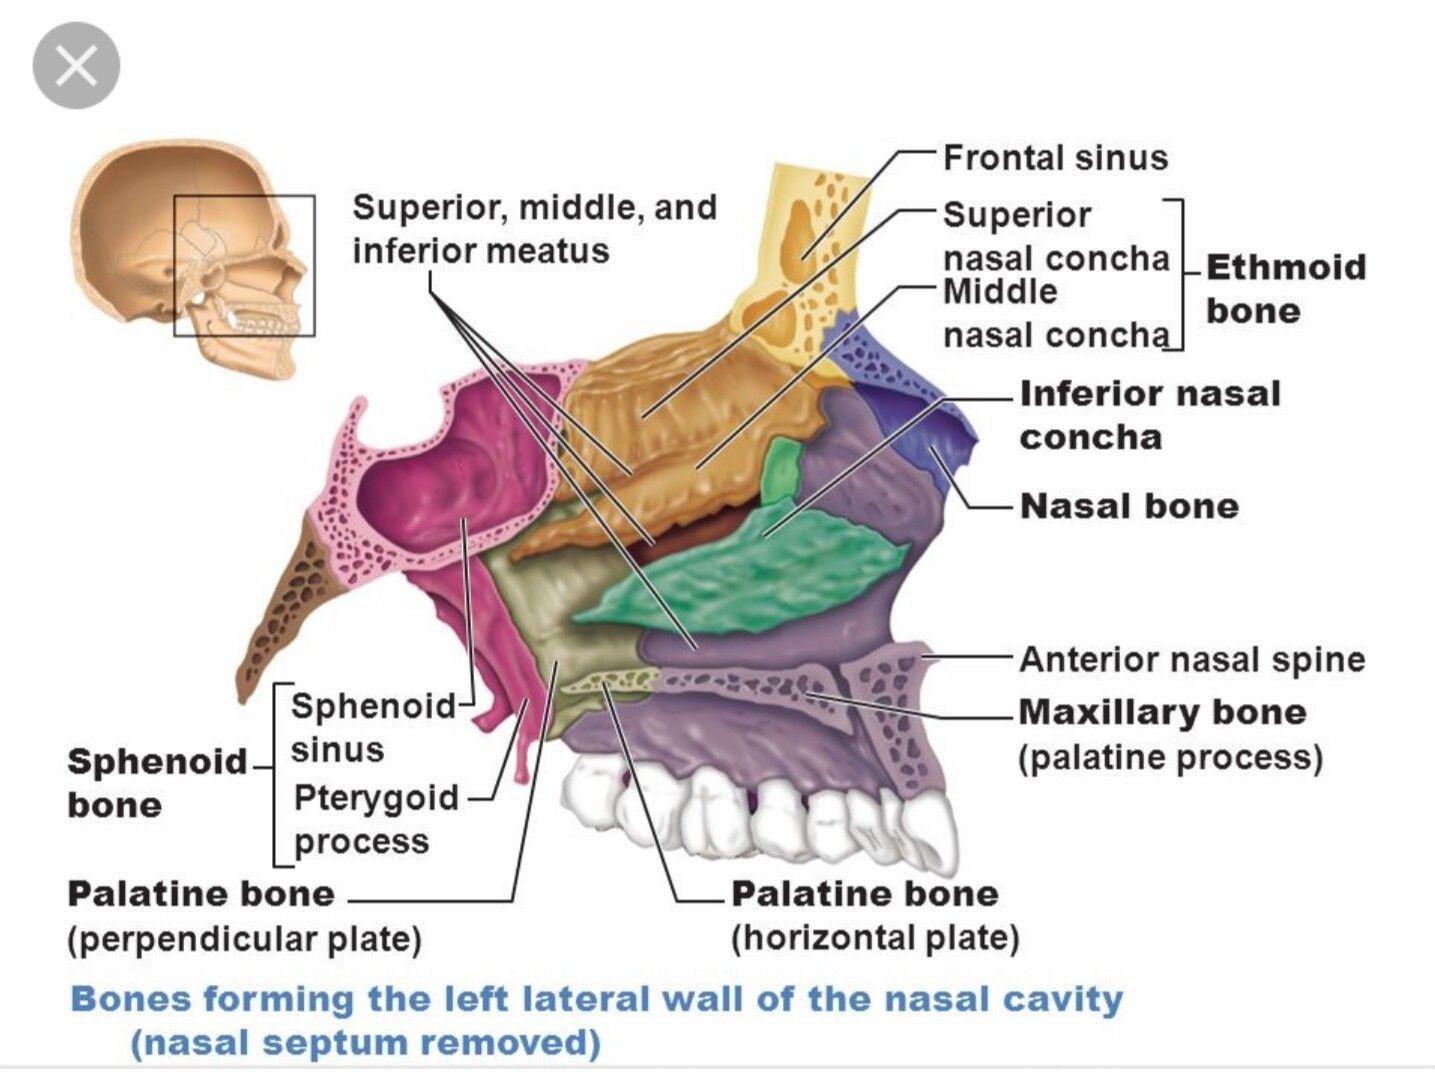 Nasal cavity | Head & Neck Anatomy | Pinterest | Nasal cavity and ...